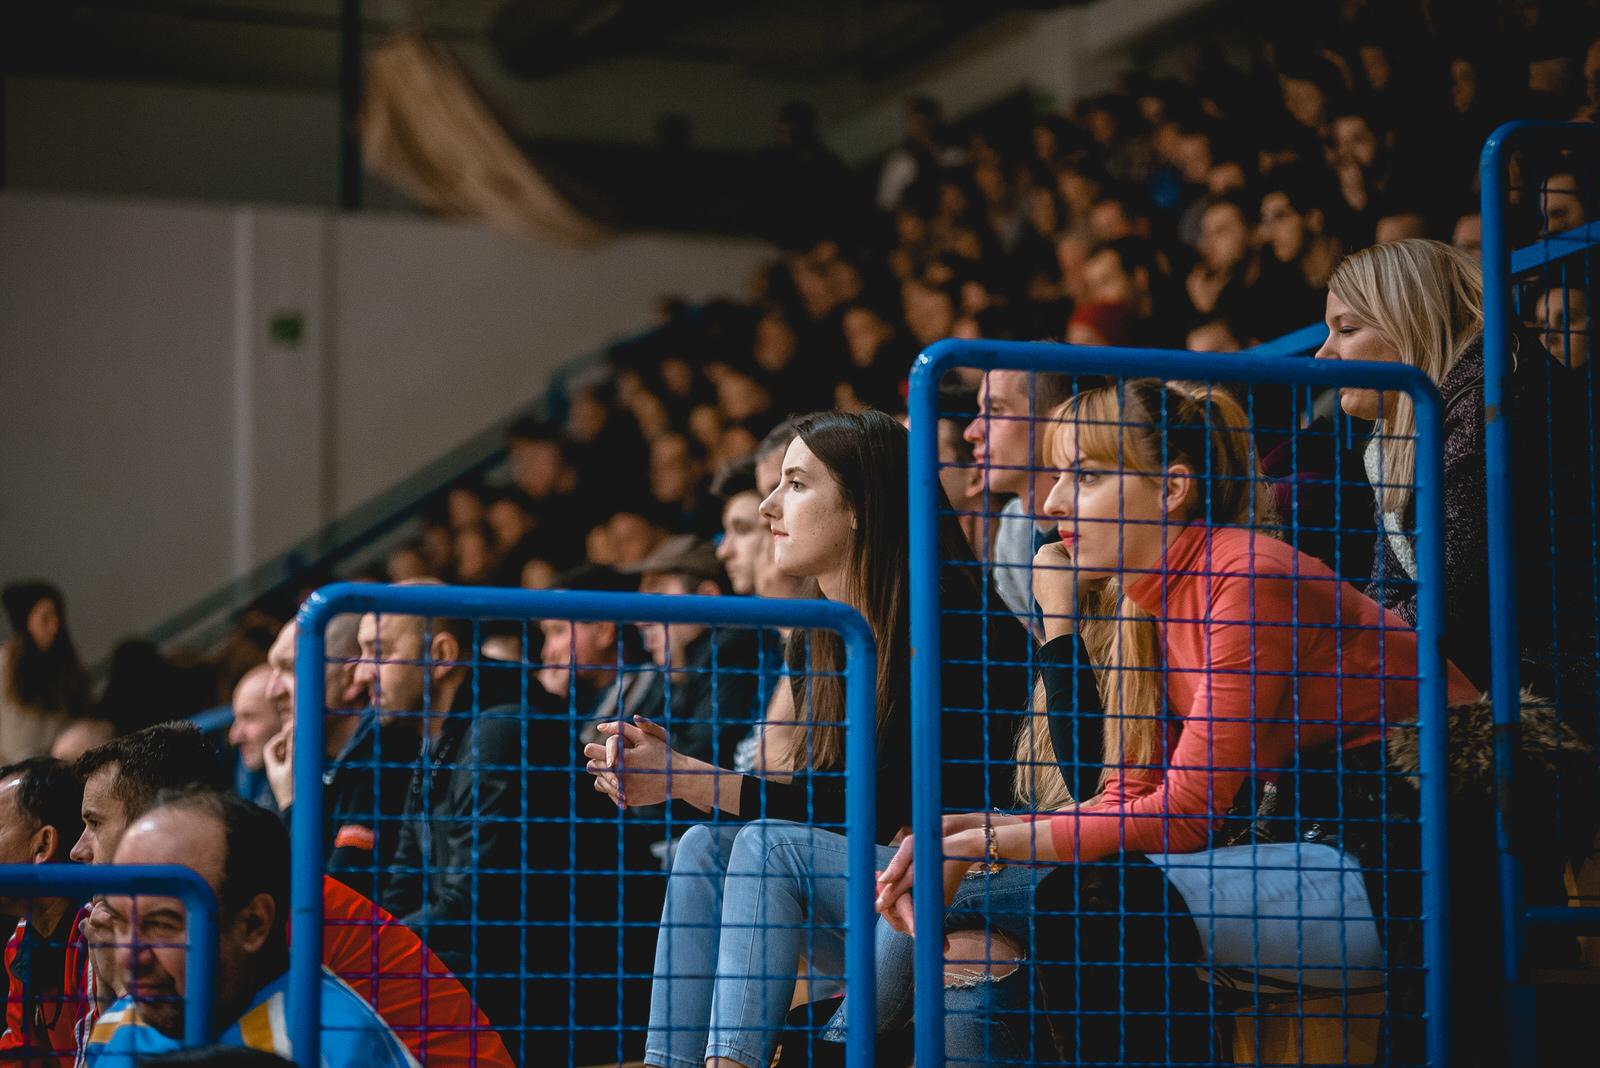 likaclub_gospić_zimski-malonogometni-turnir-2018-19-39